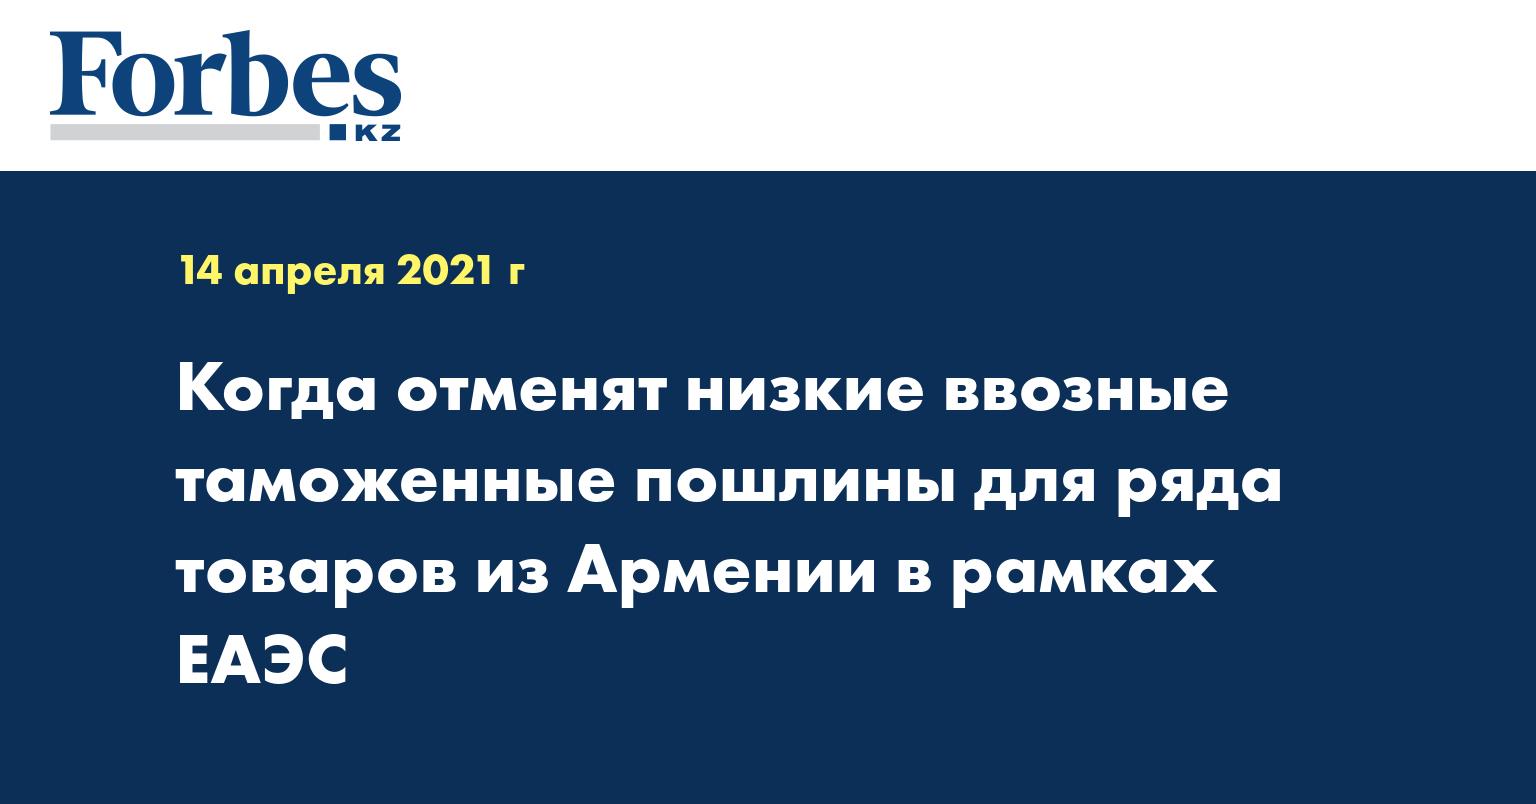 Когда отменят низкие ввозные таможенные пошлины для ряда товаров из Армении в рамках ЕАЭС